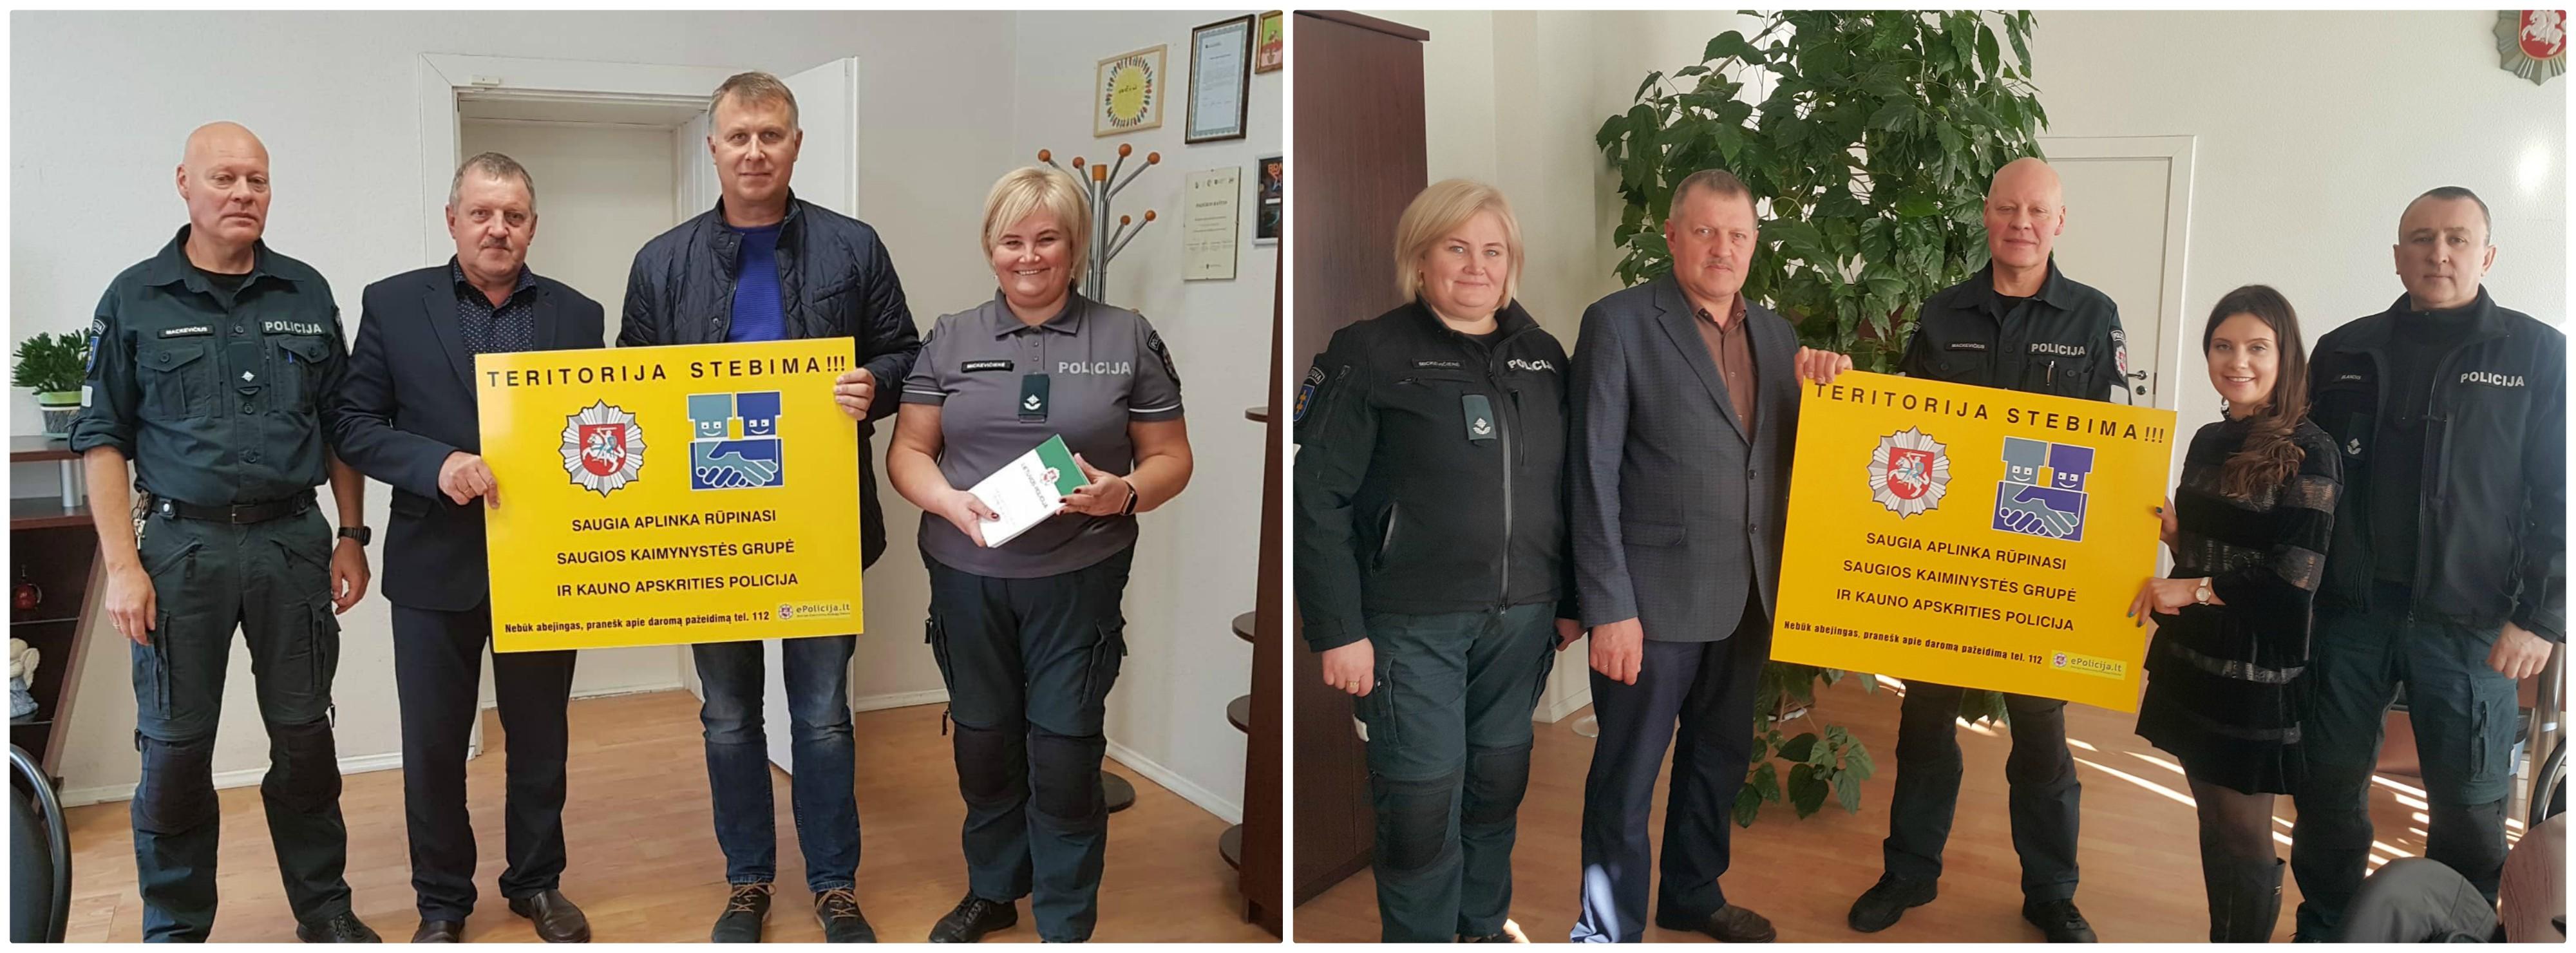 Kauno apskrities vyriausiojo policijos komisariato Kėdainių rajono policijos komisariato bendruomenės pareigūnė Aušra Mickevičienė džiaugiasi, jog šiandien Kėdainių rajone turime 55 saugios kaimynystės grupes.